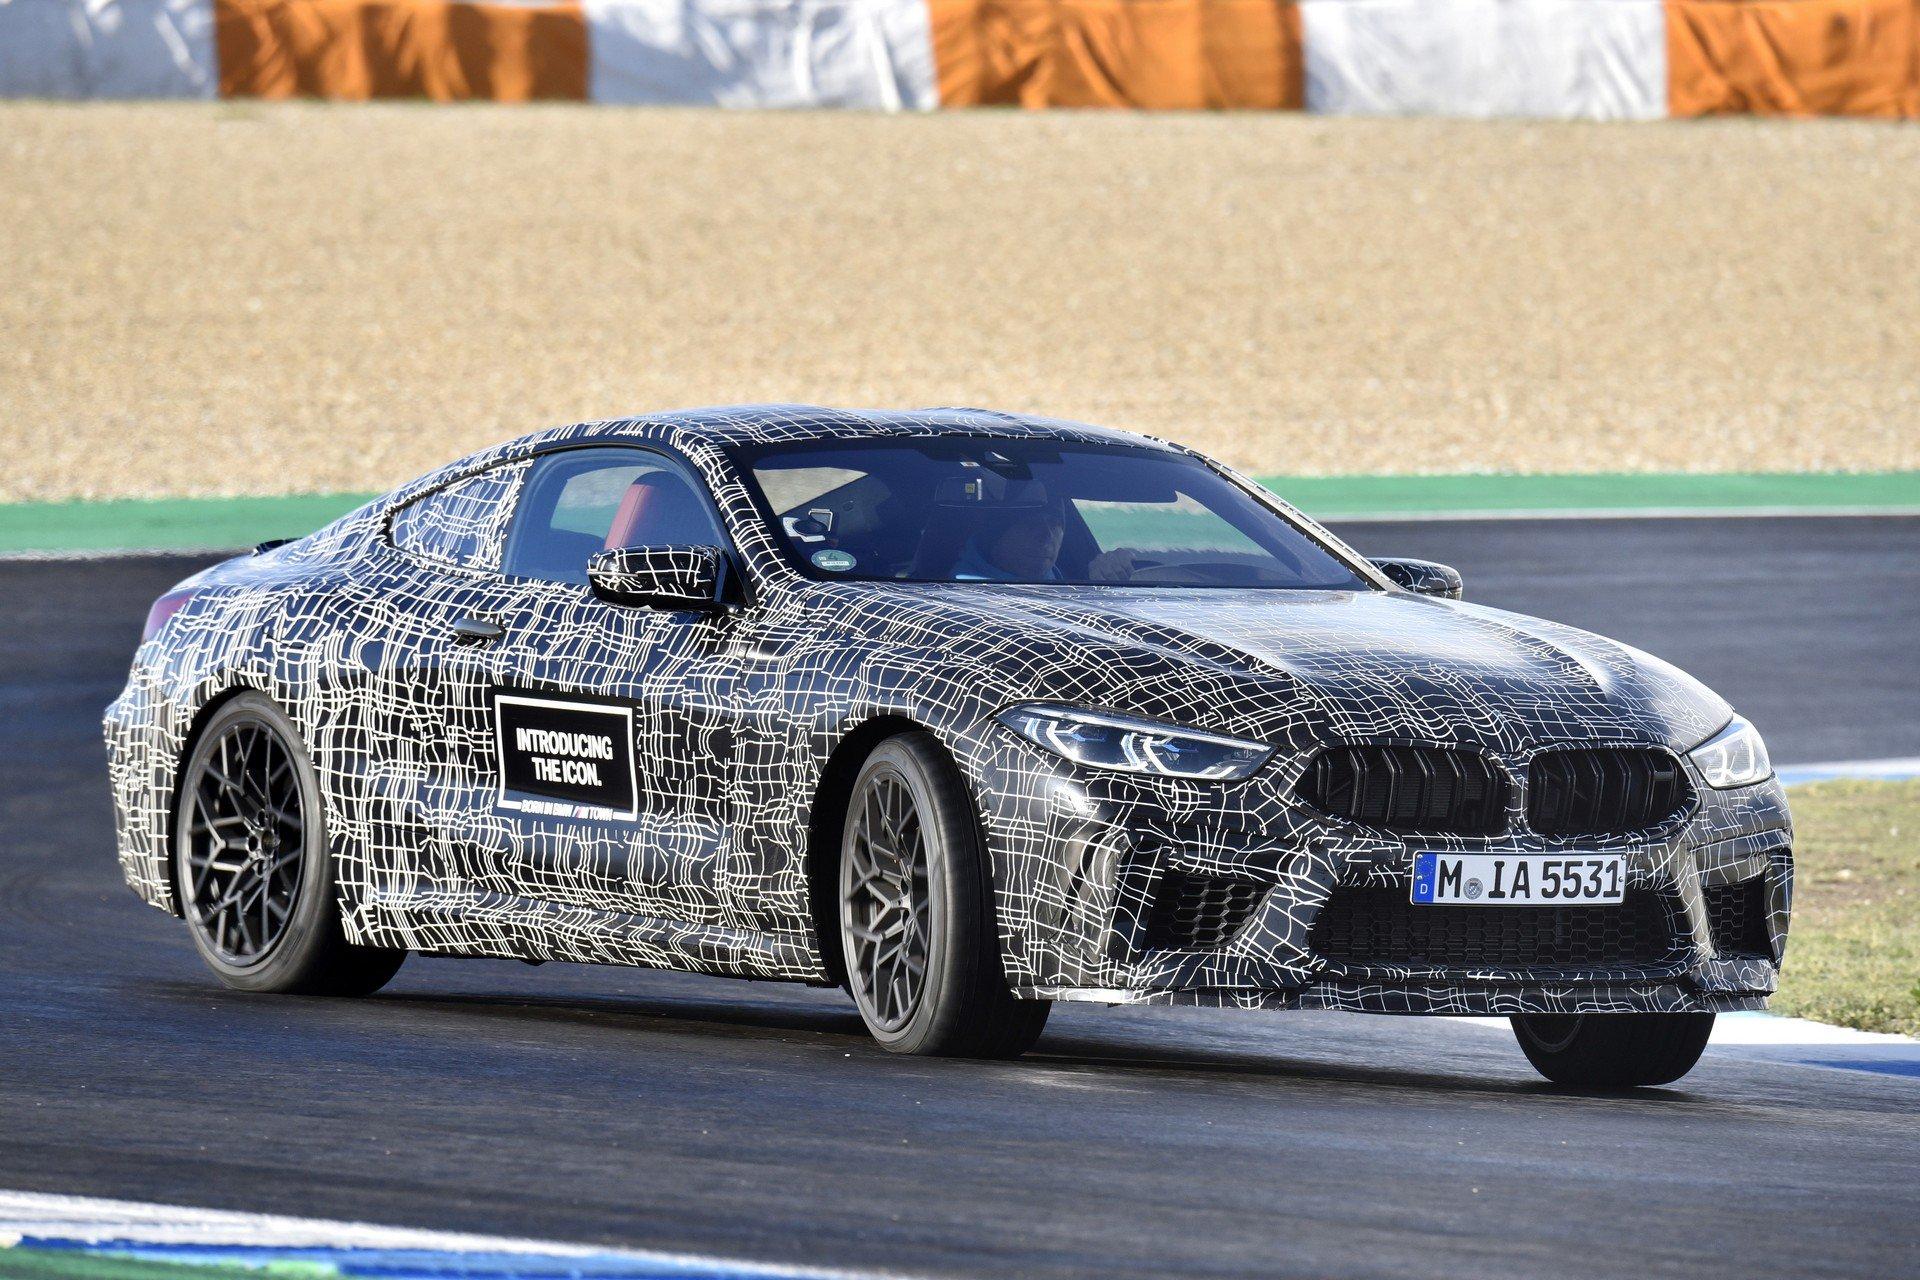 BMW M8 raspolagaće sa najmanje 600 konjskih snaga